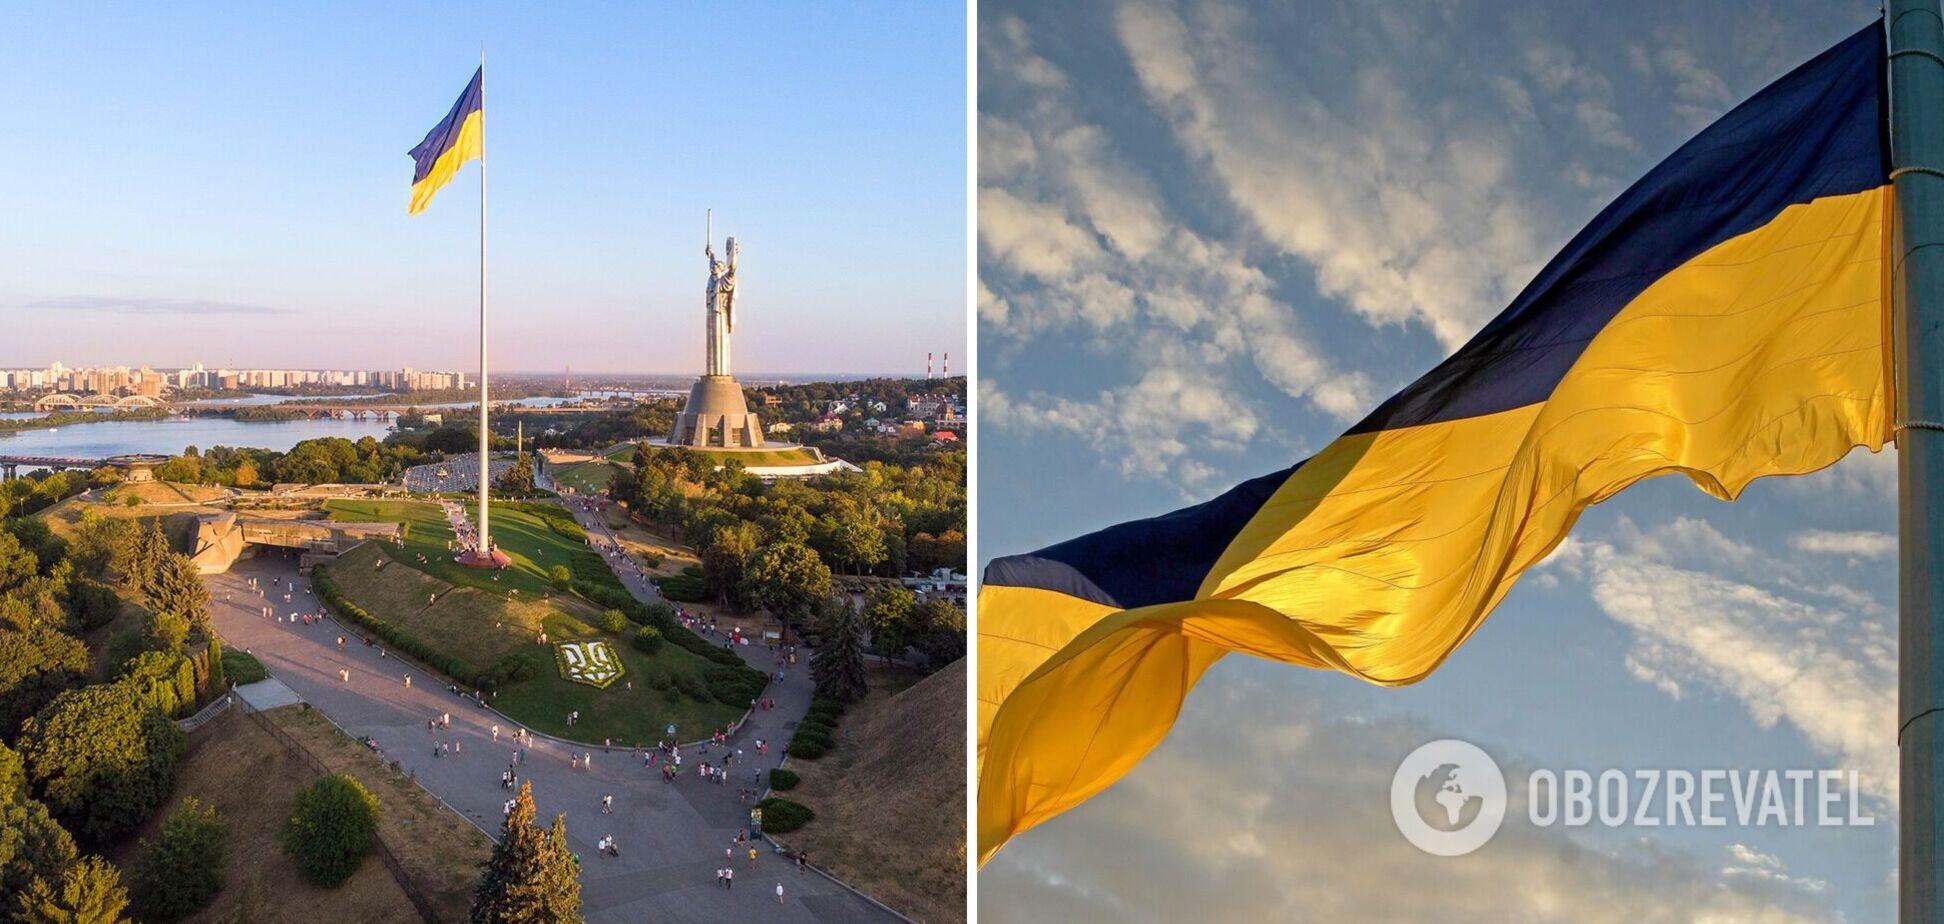 В Украине отметили День Государственного Флага: фото и видео из крупнейших городов страны